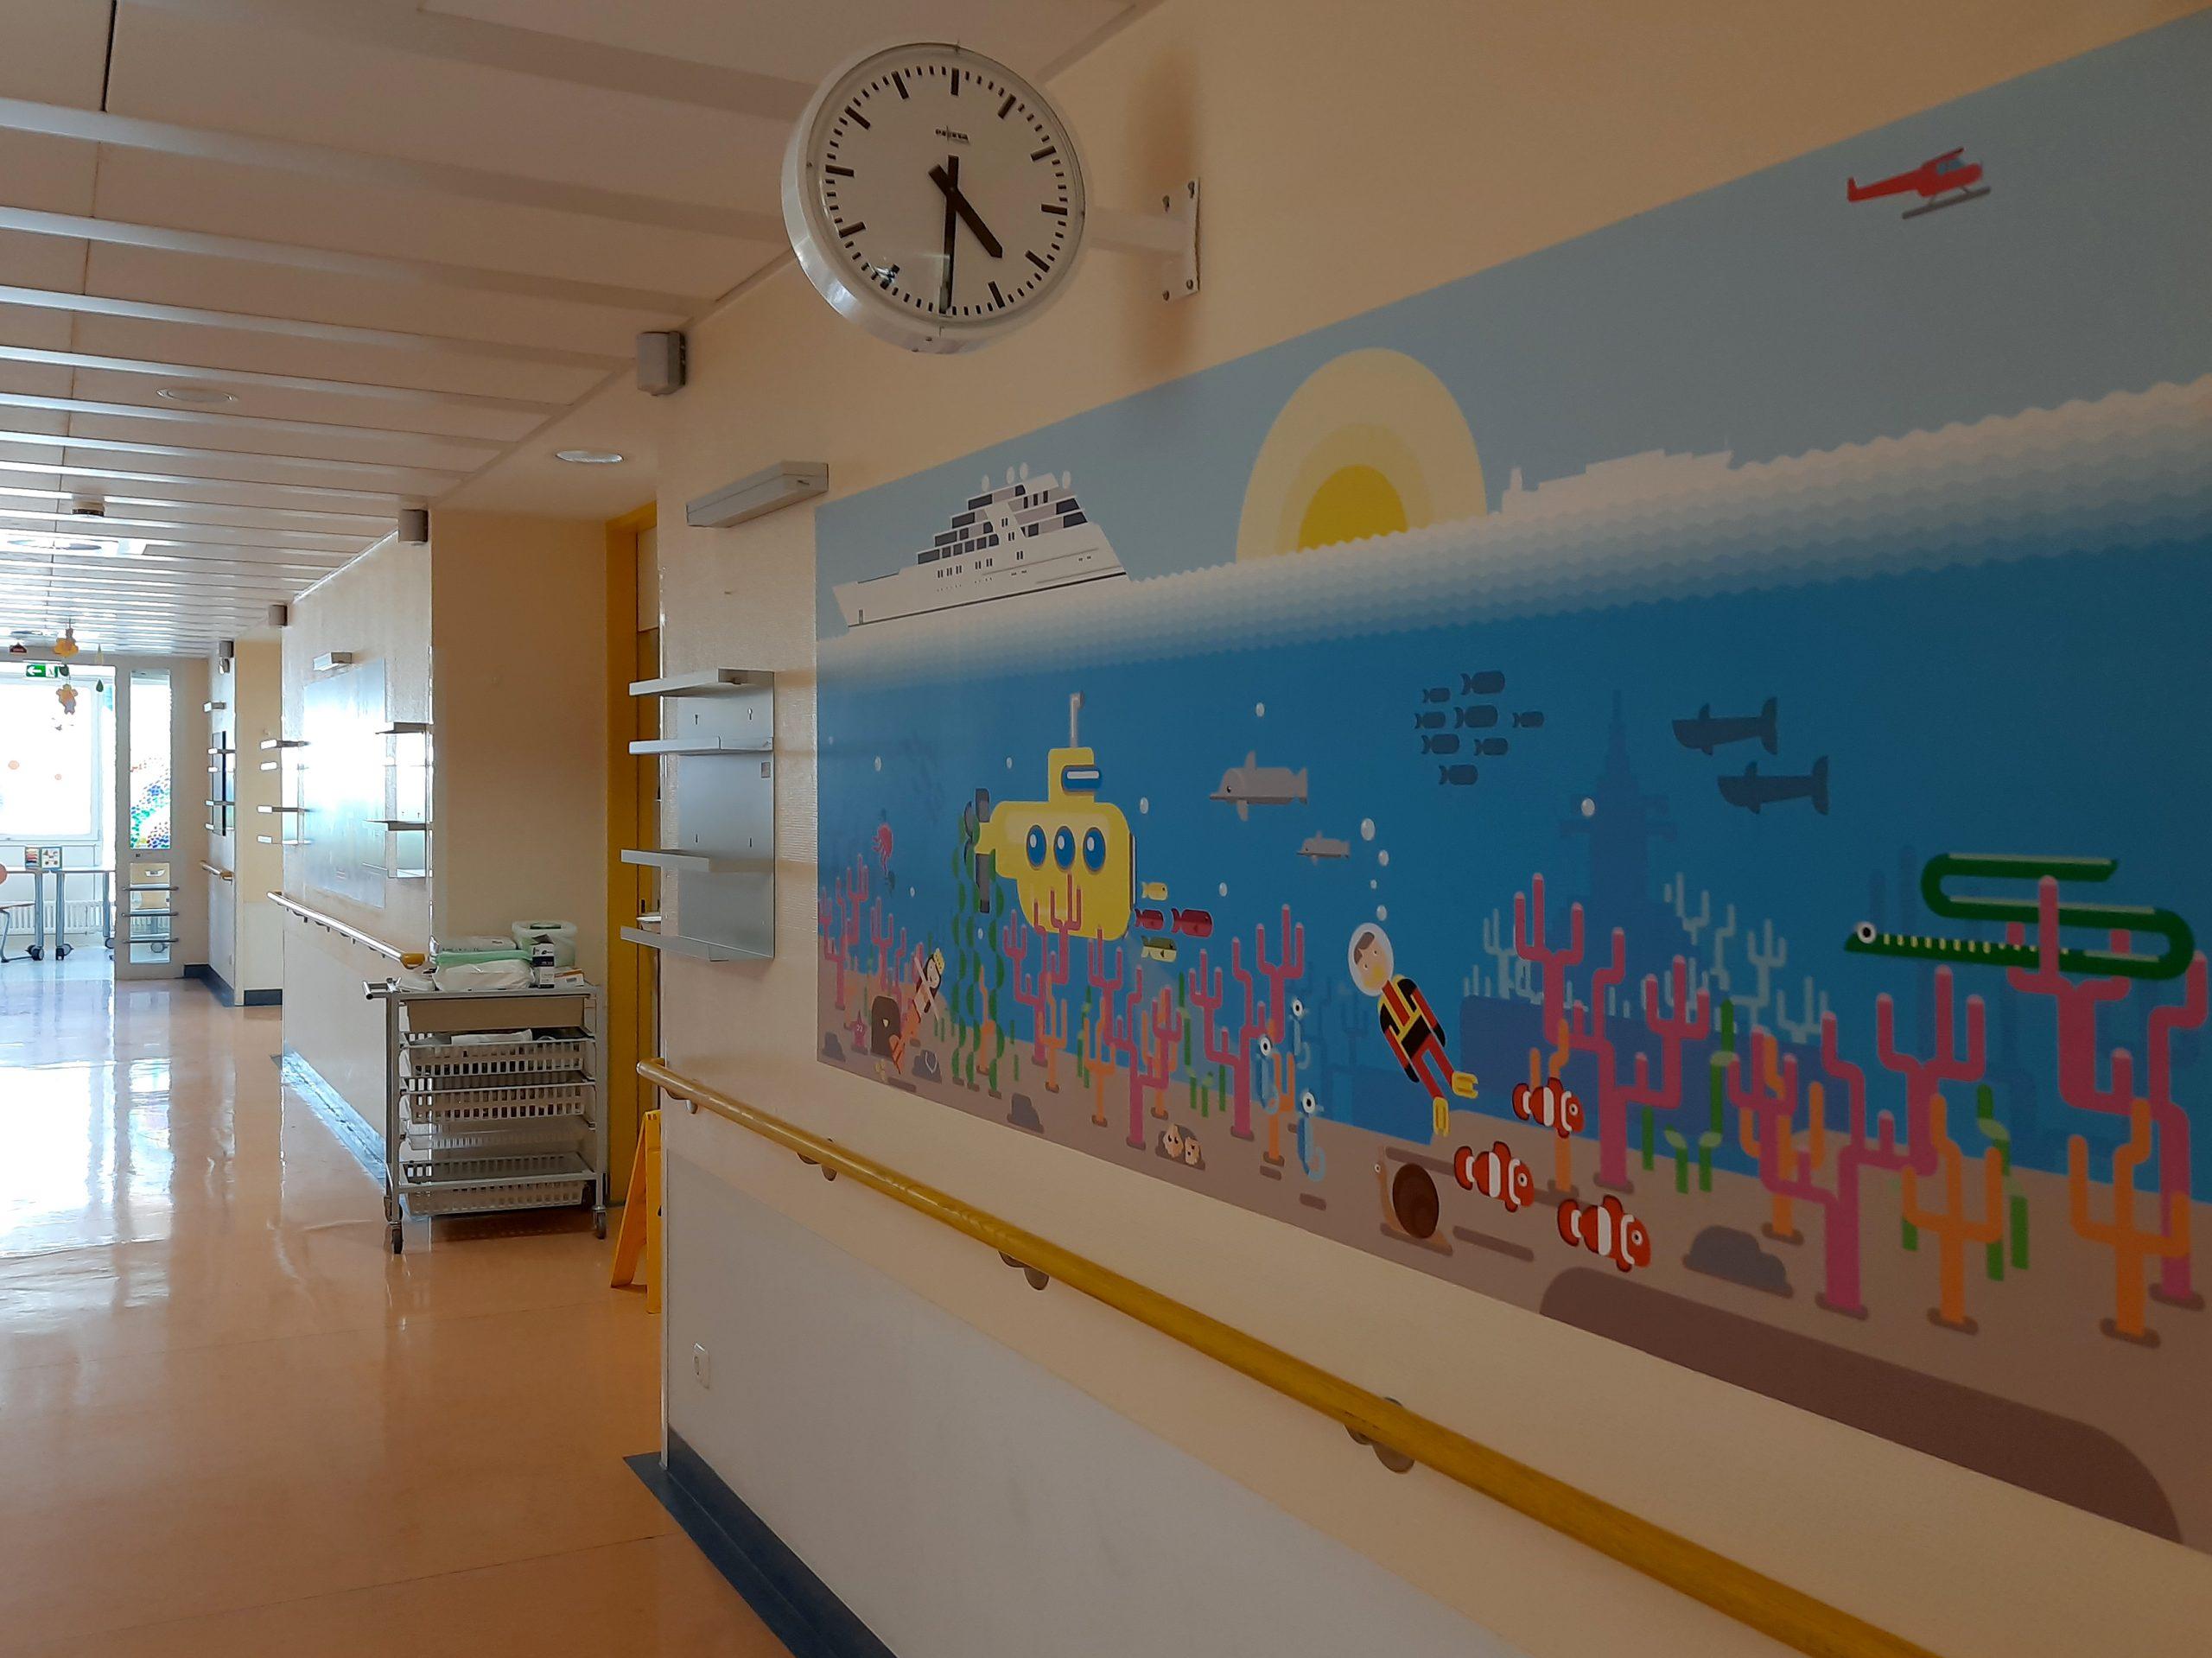 Atlantis im Klinikum 2